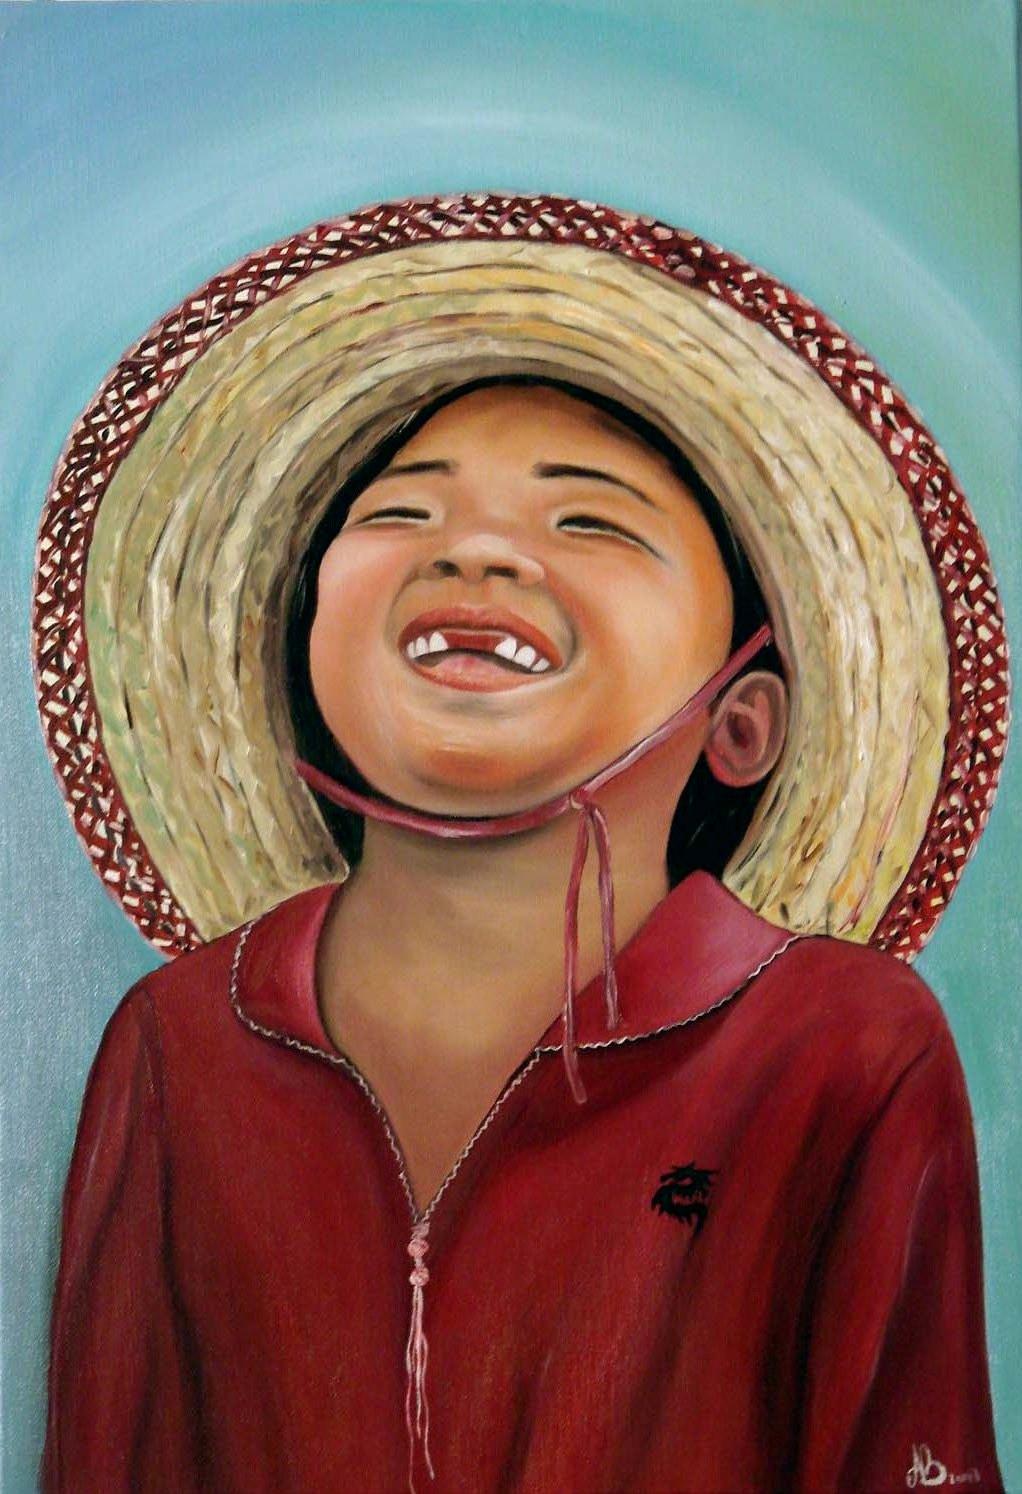 Le blog de b a mes dessins photos peintures for Agathe bonnet